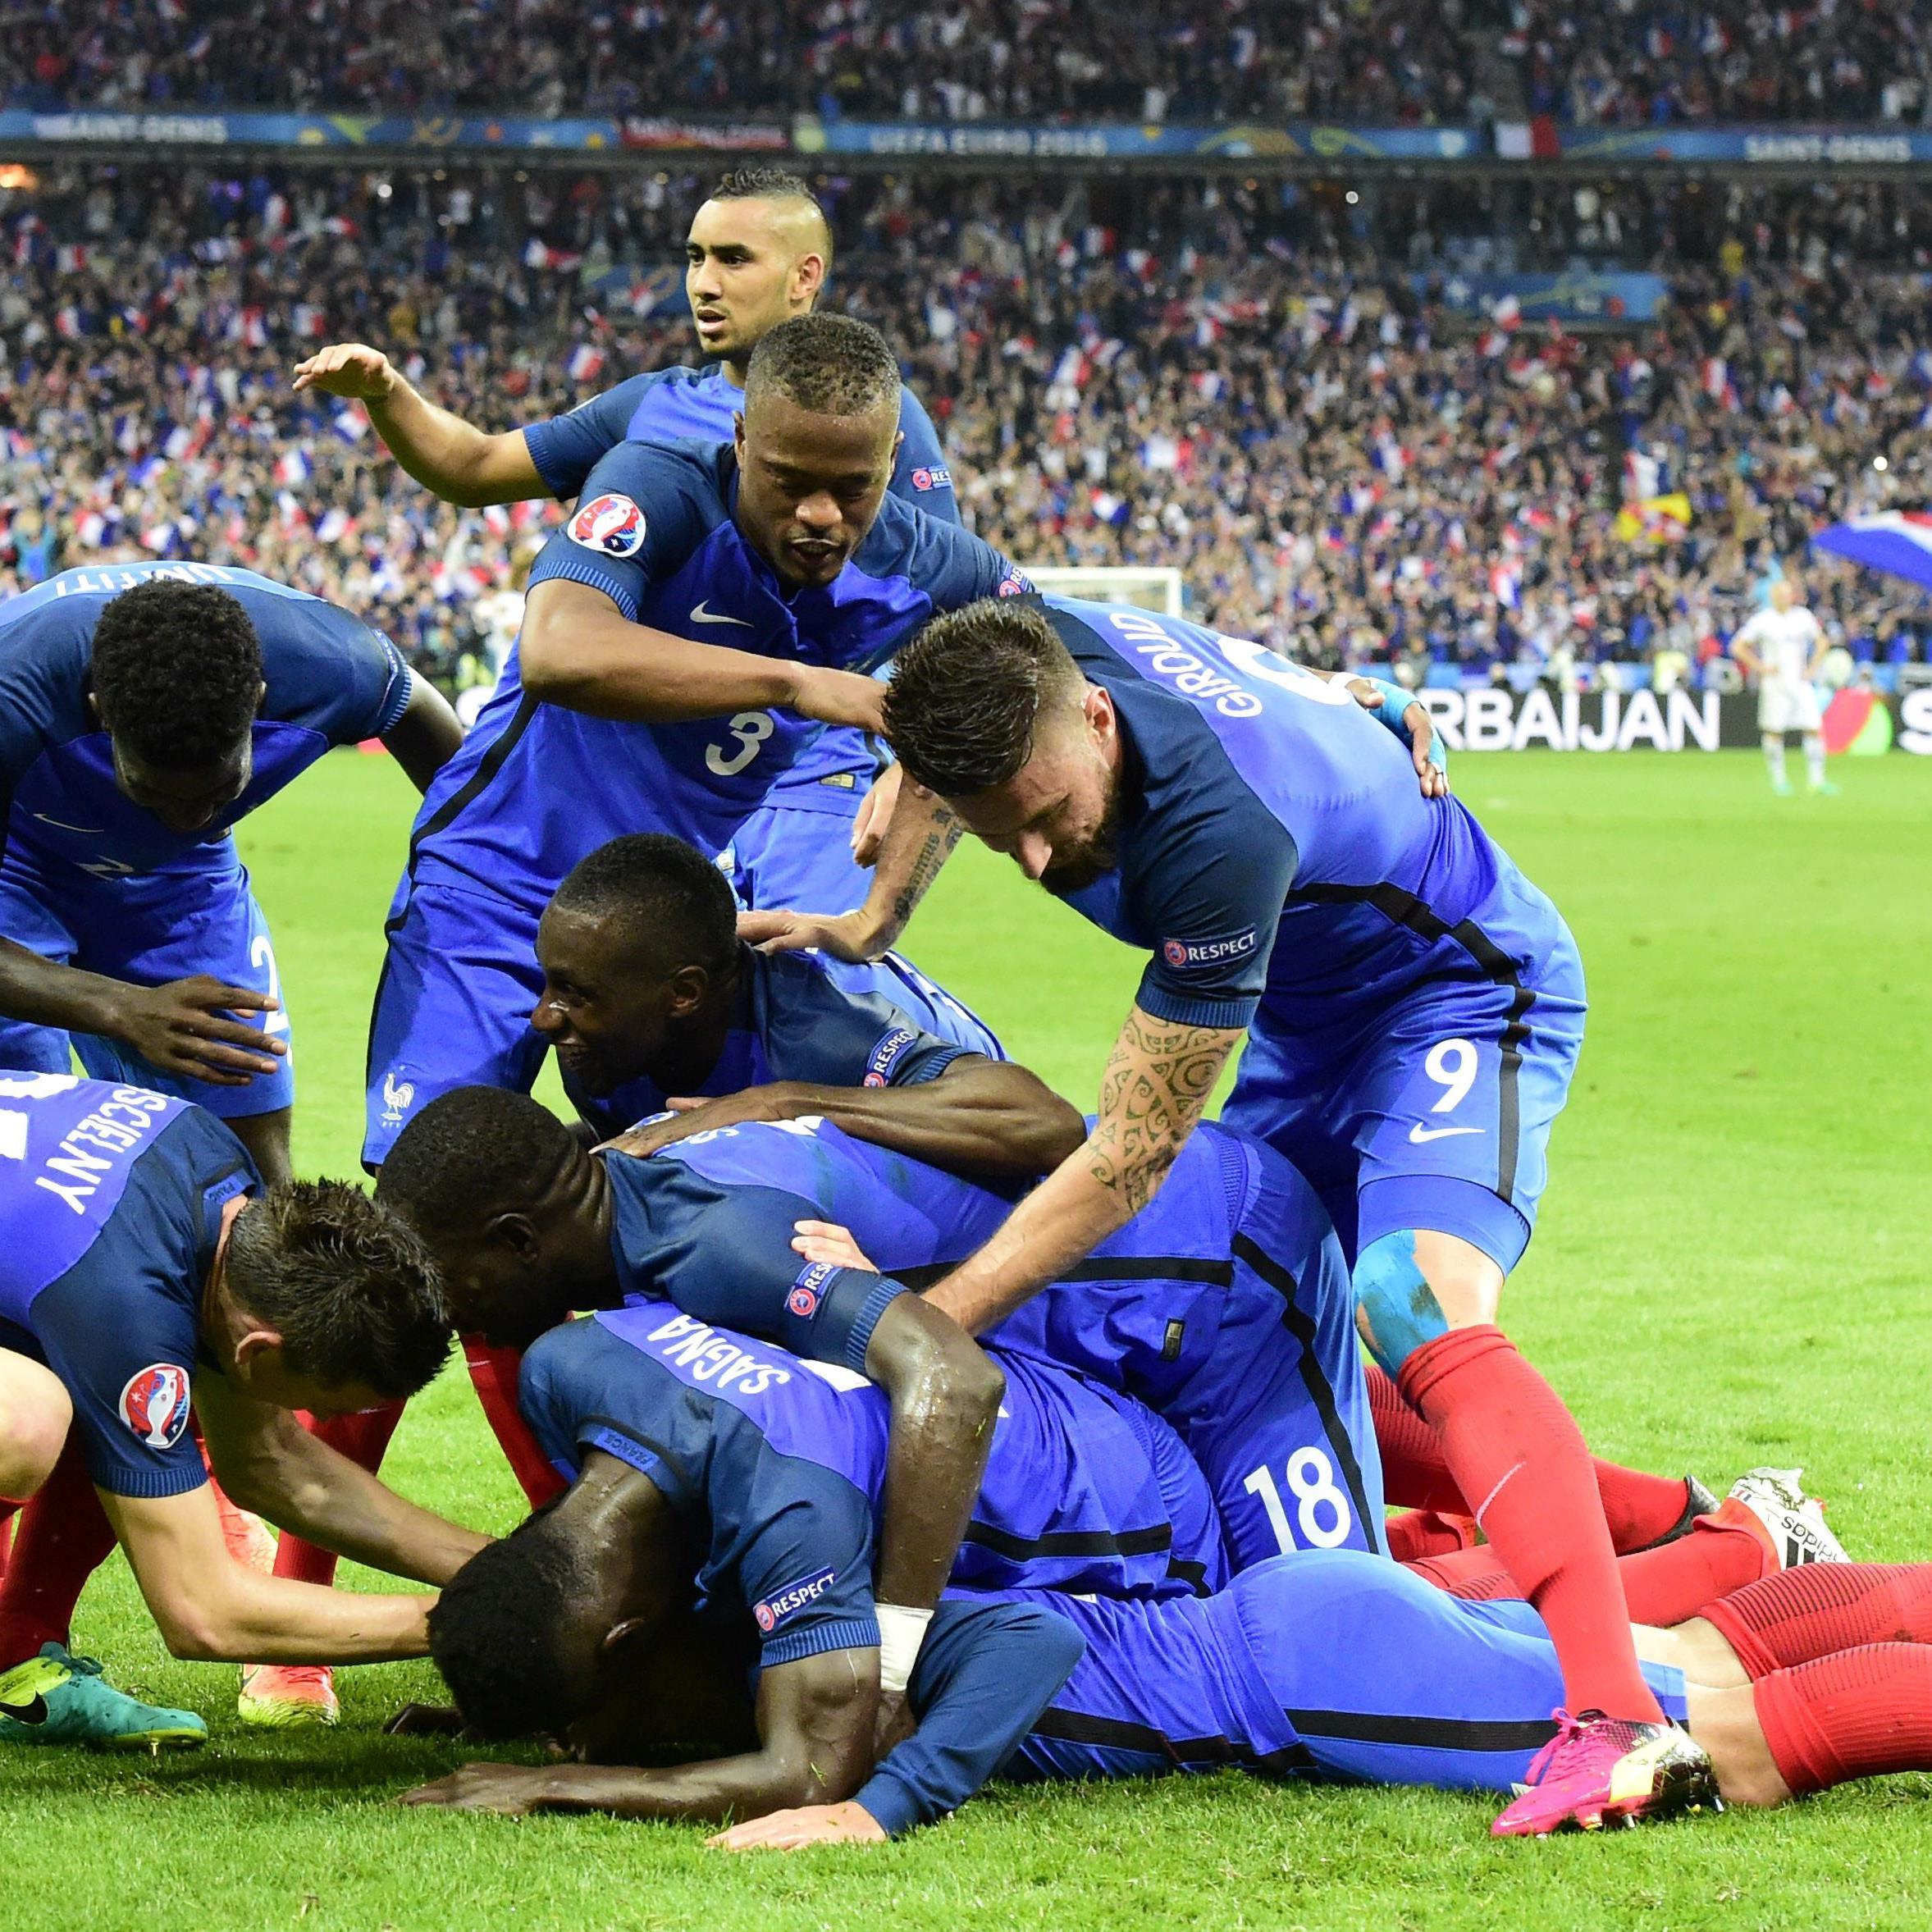 Große Freude bei EM-Gastgeber Frankreich nach dem Sieg gegen Island.